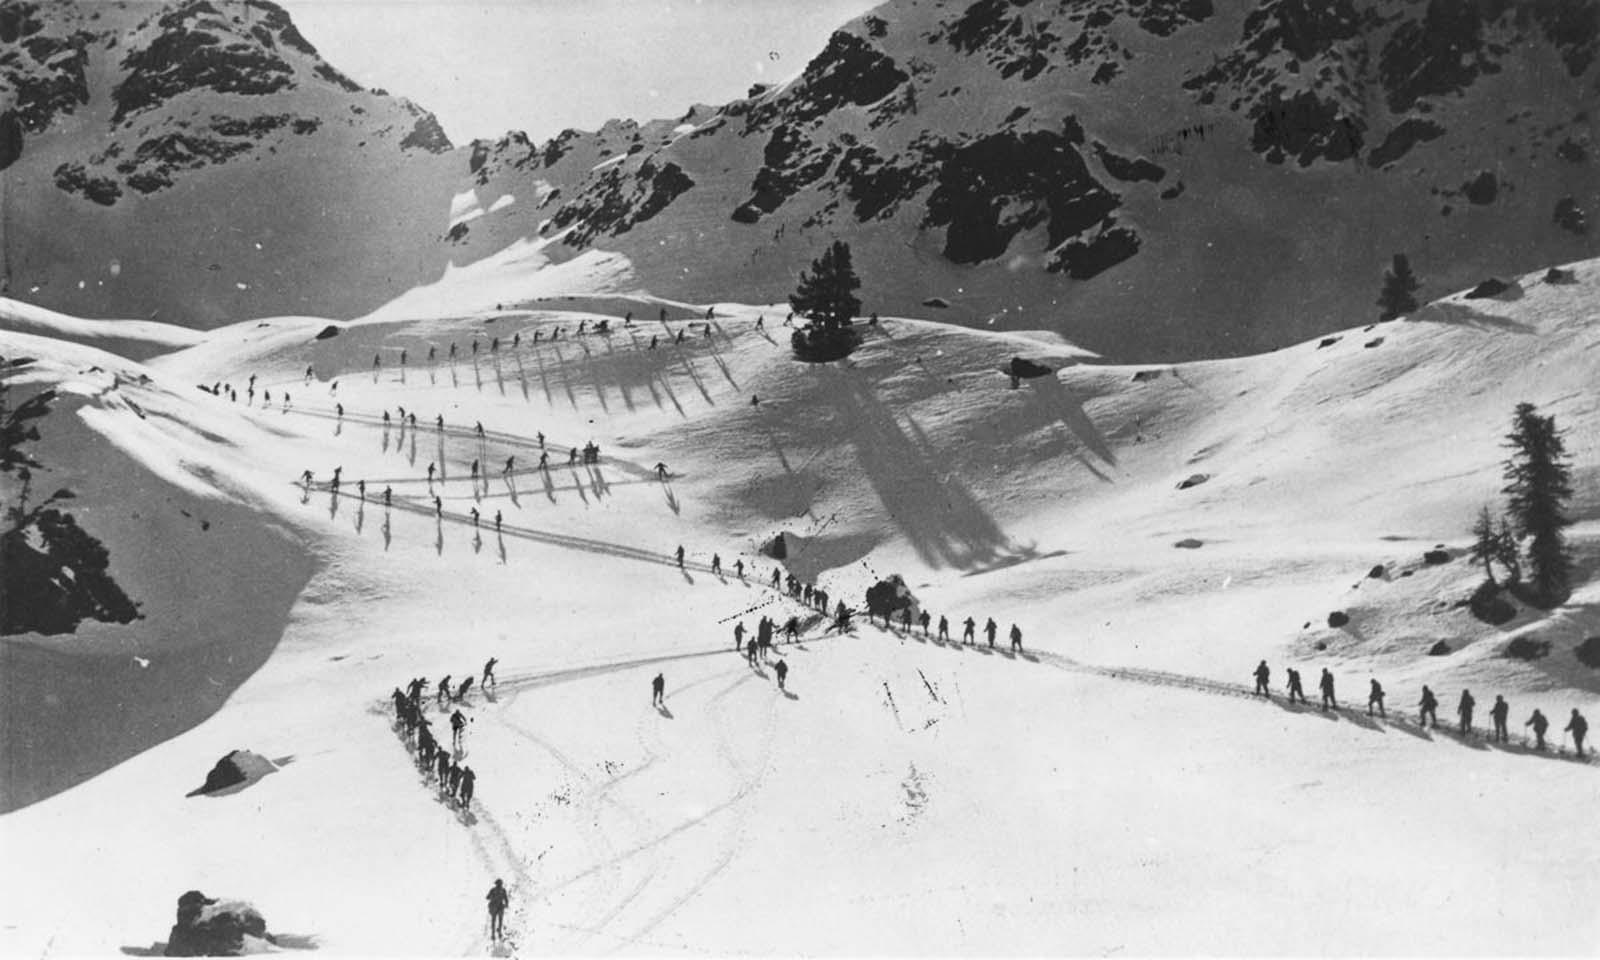 Italian Alpini Companies ski in the Carnic Alps. 1918.